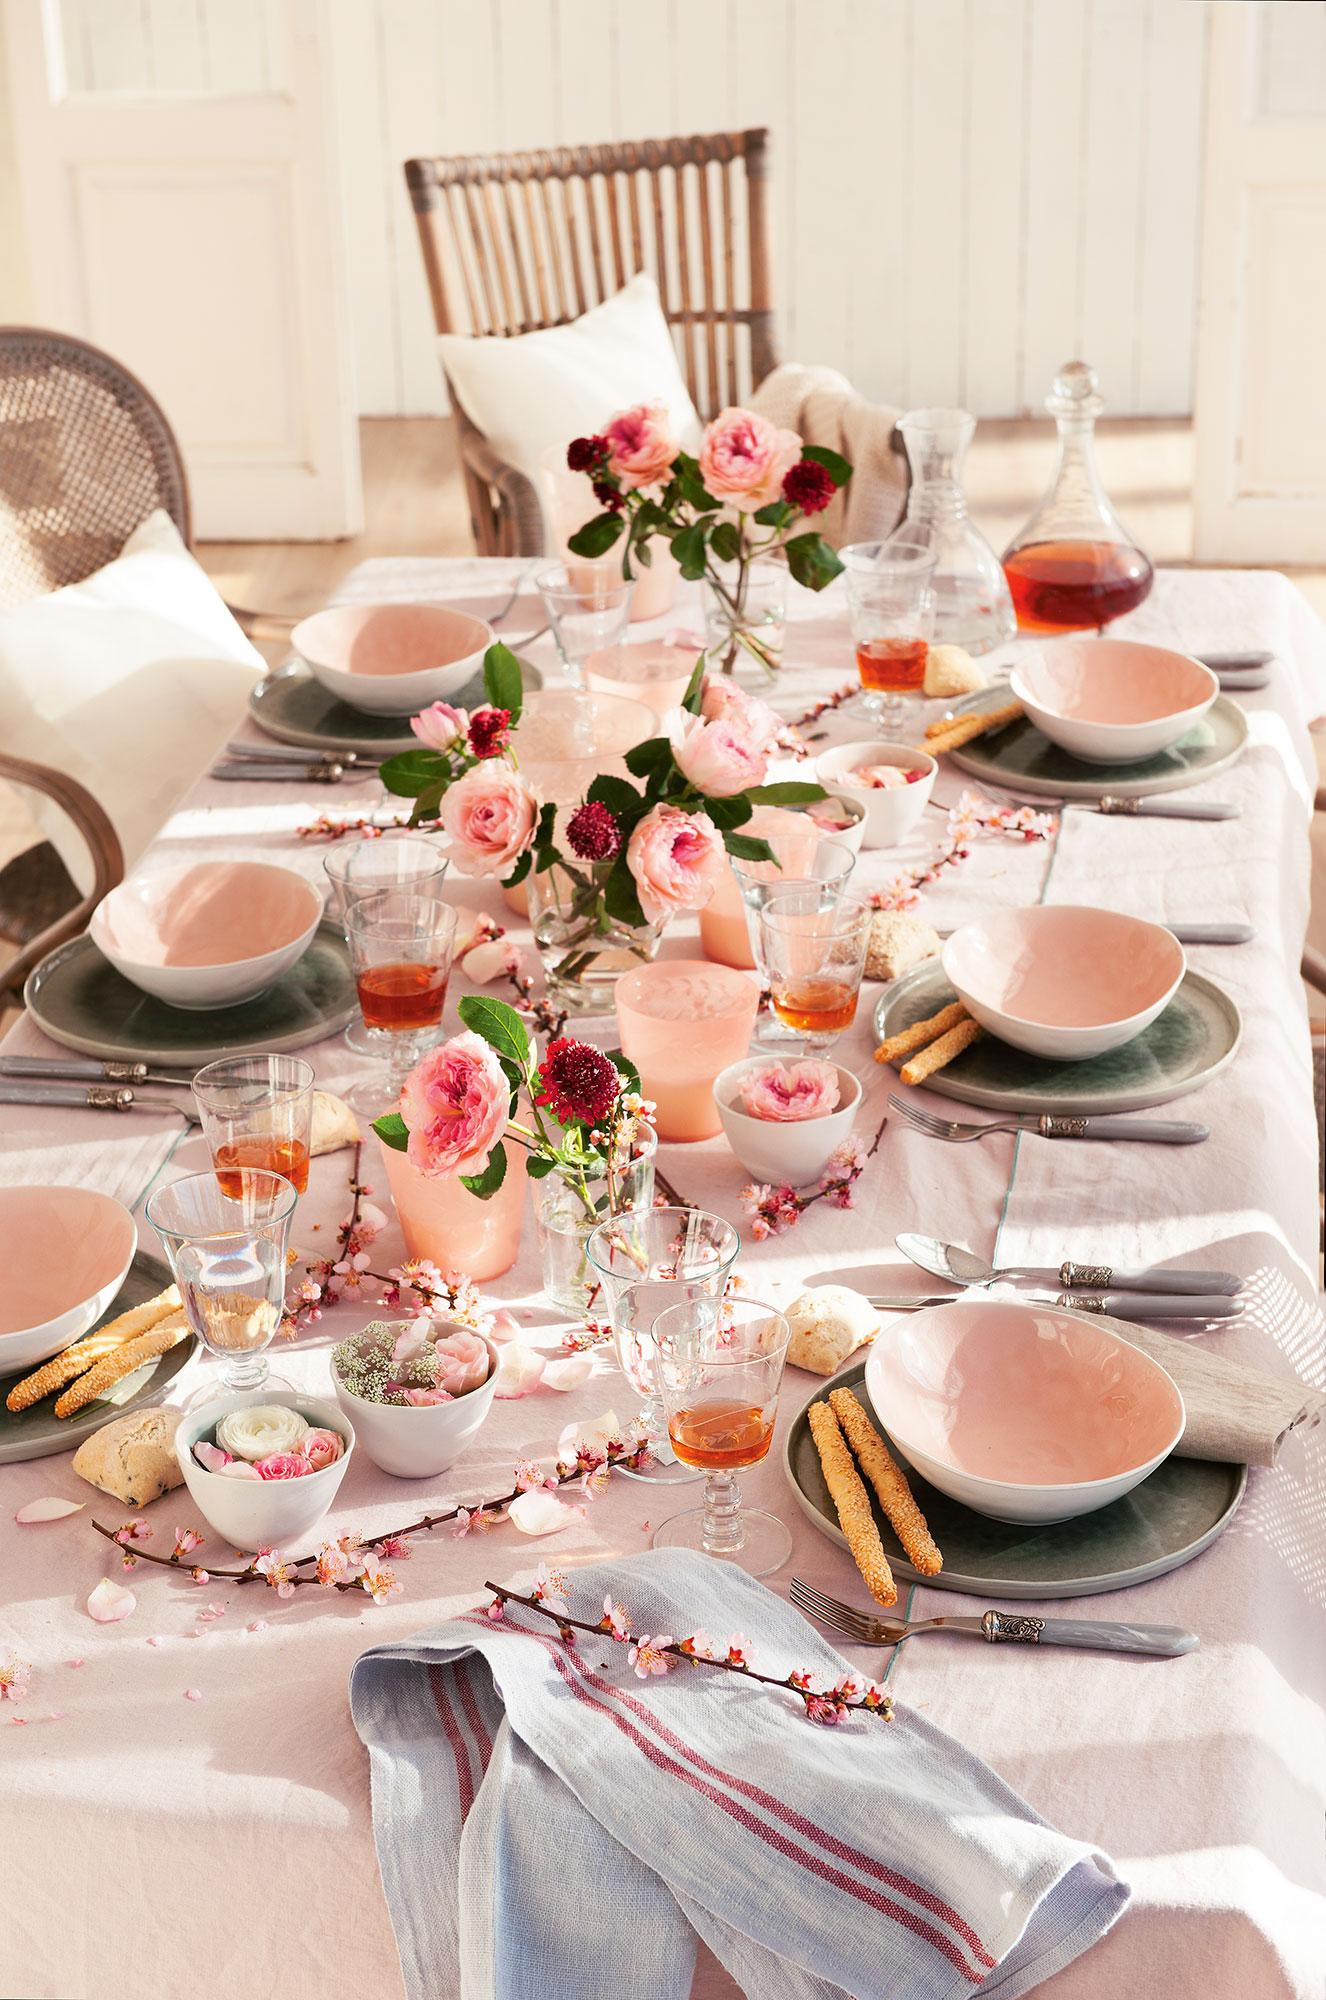 Decorar con flores 12 ideas para vestir tu casa de primavera - Aromatizantes naturales para la casa ...